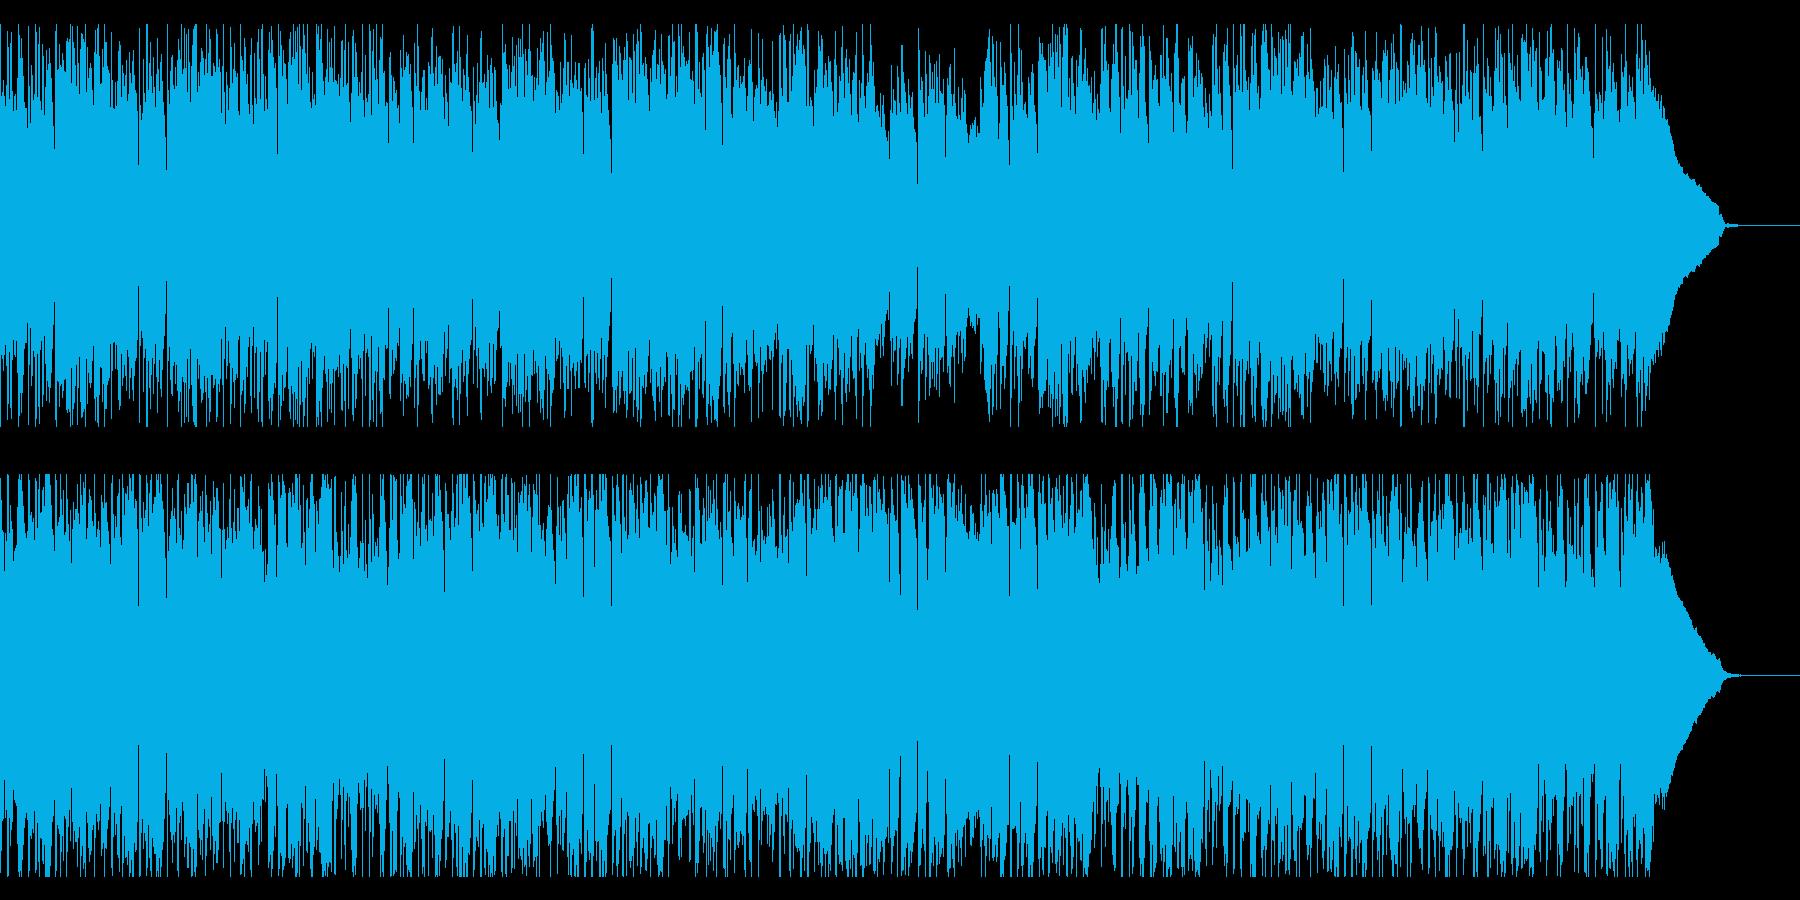 妖艶で憂い気のあるシンプルなジャズの再生済みの波形